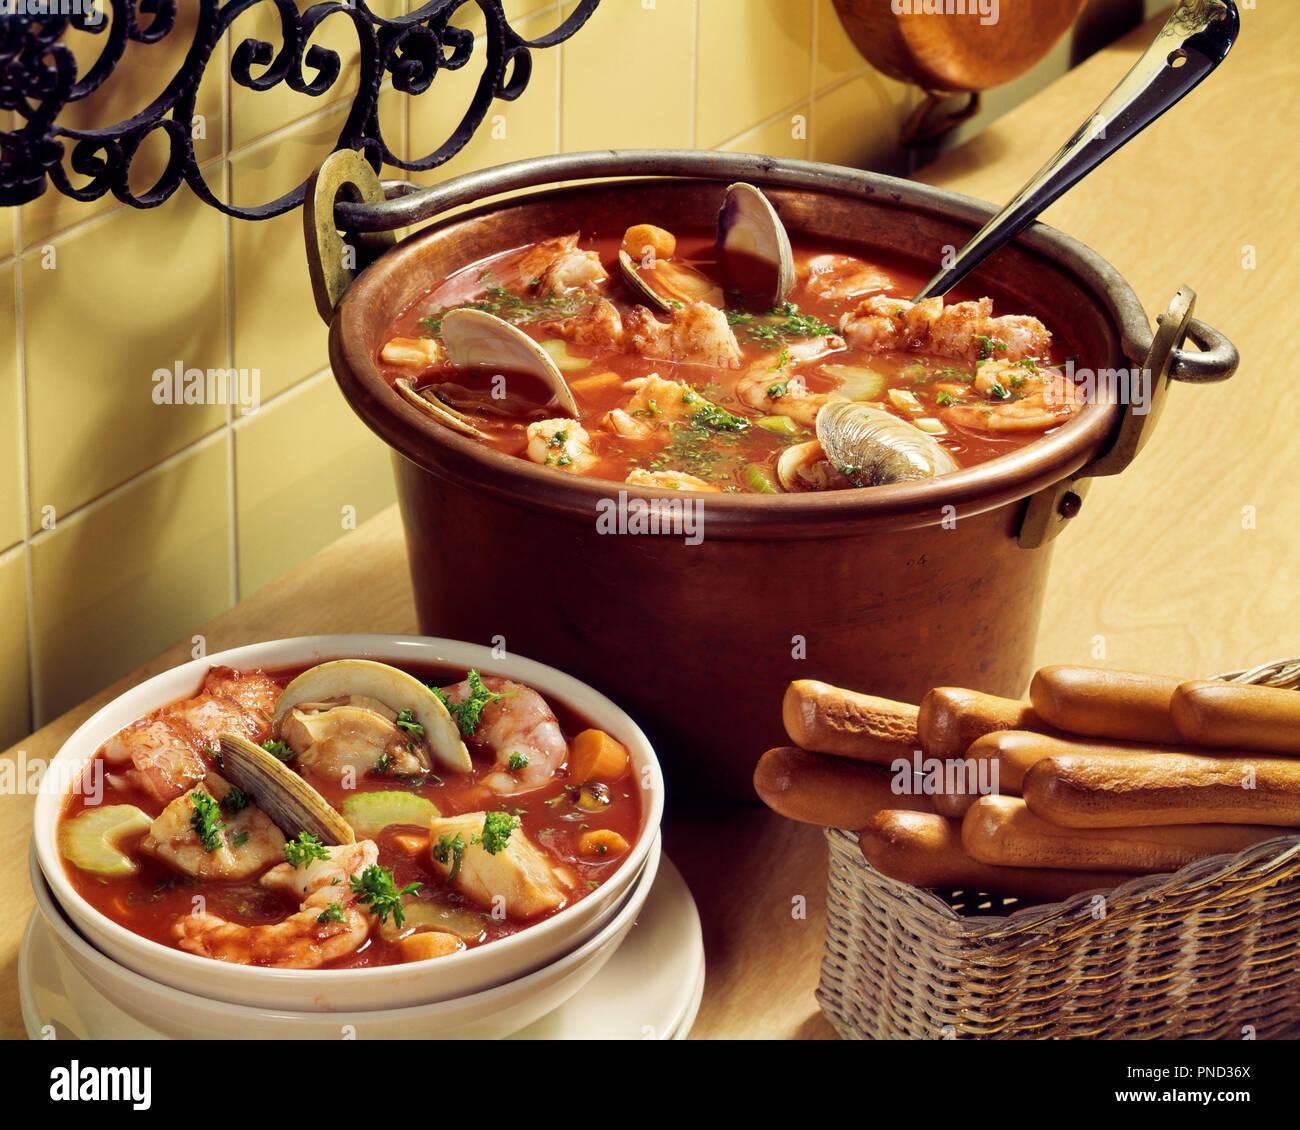 1980 Ragoût de fruits de mer dans la marmite en cuivre seule portion dans un bol avec des BÂTONNETS DE PAIN LE LONG DU CÔTÉ - KF21255 PHT001 HARS, FRUITS DE MER Photo Stock